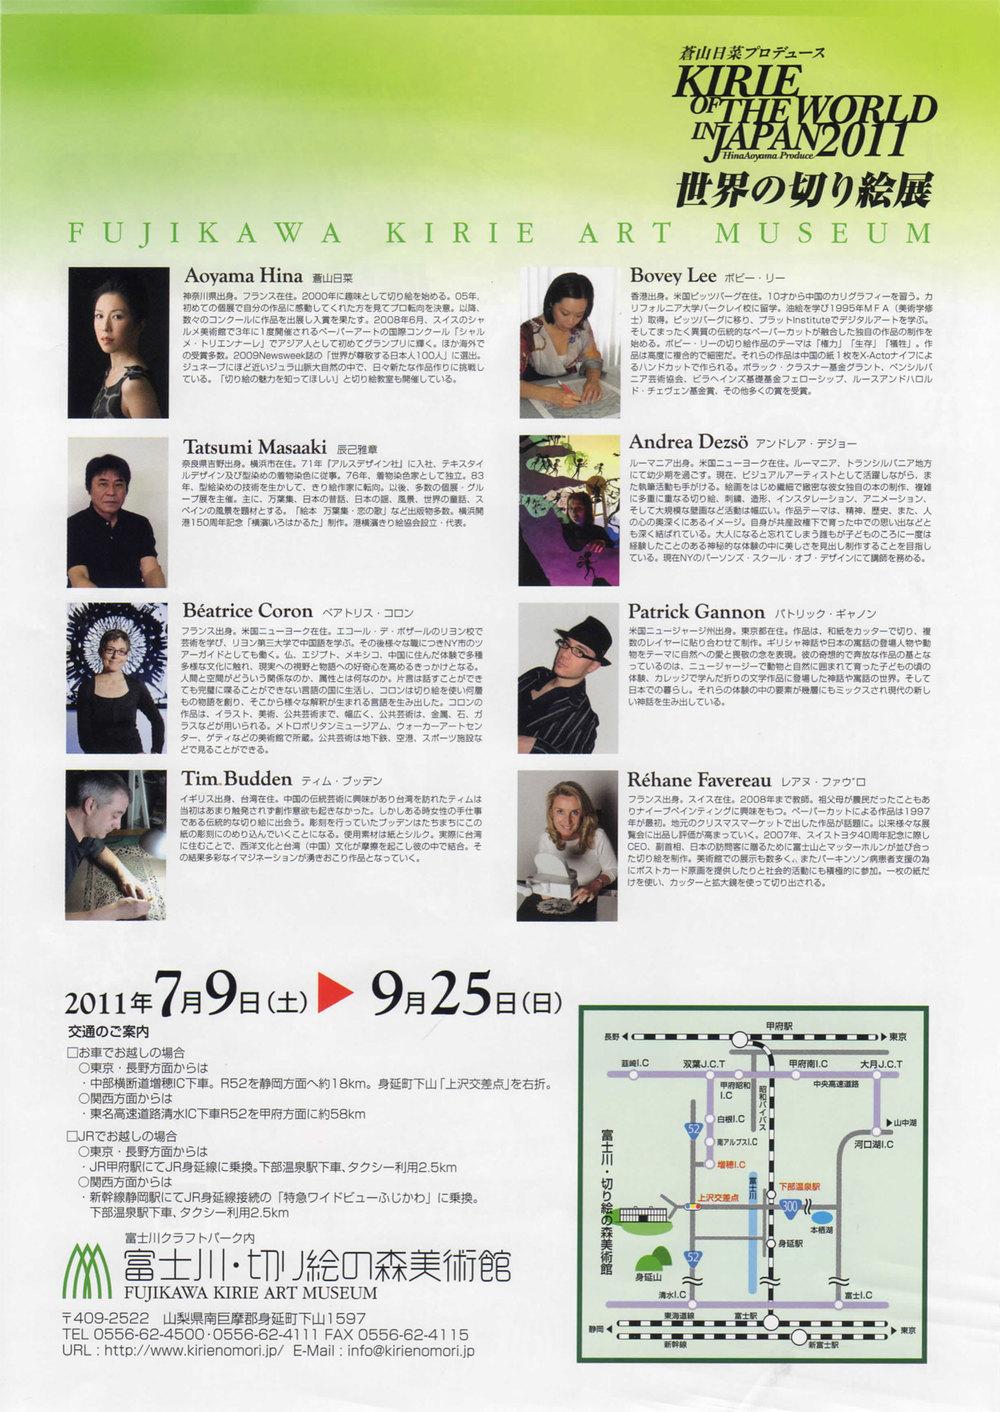 2011_KirieInJapan_back.jpg